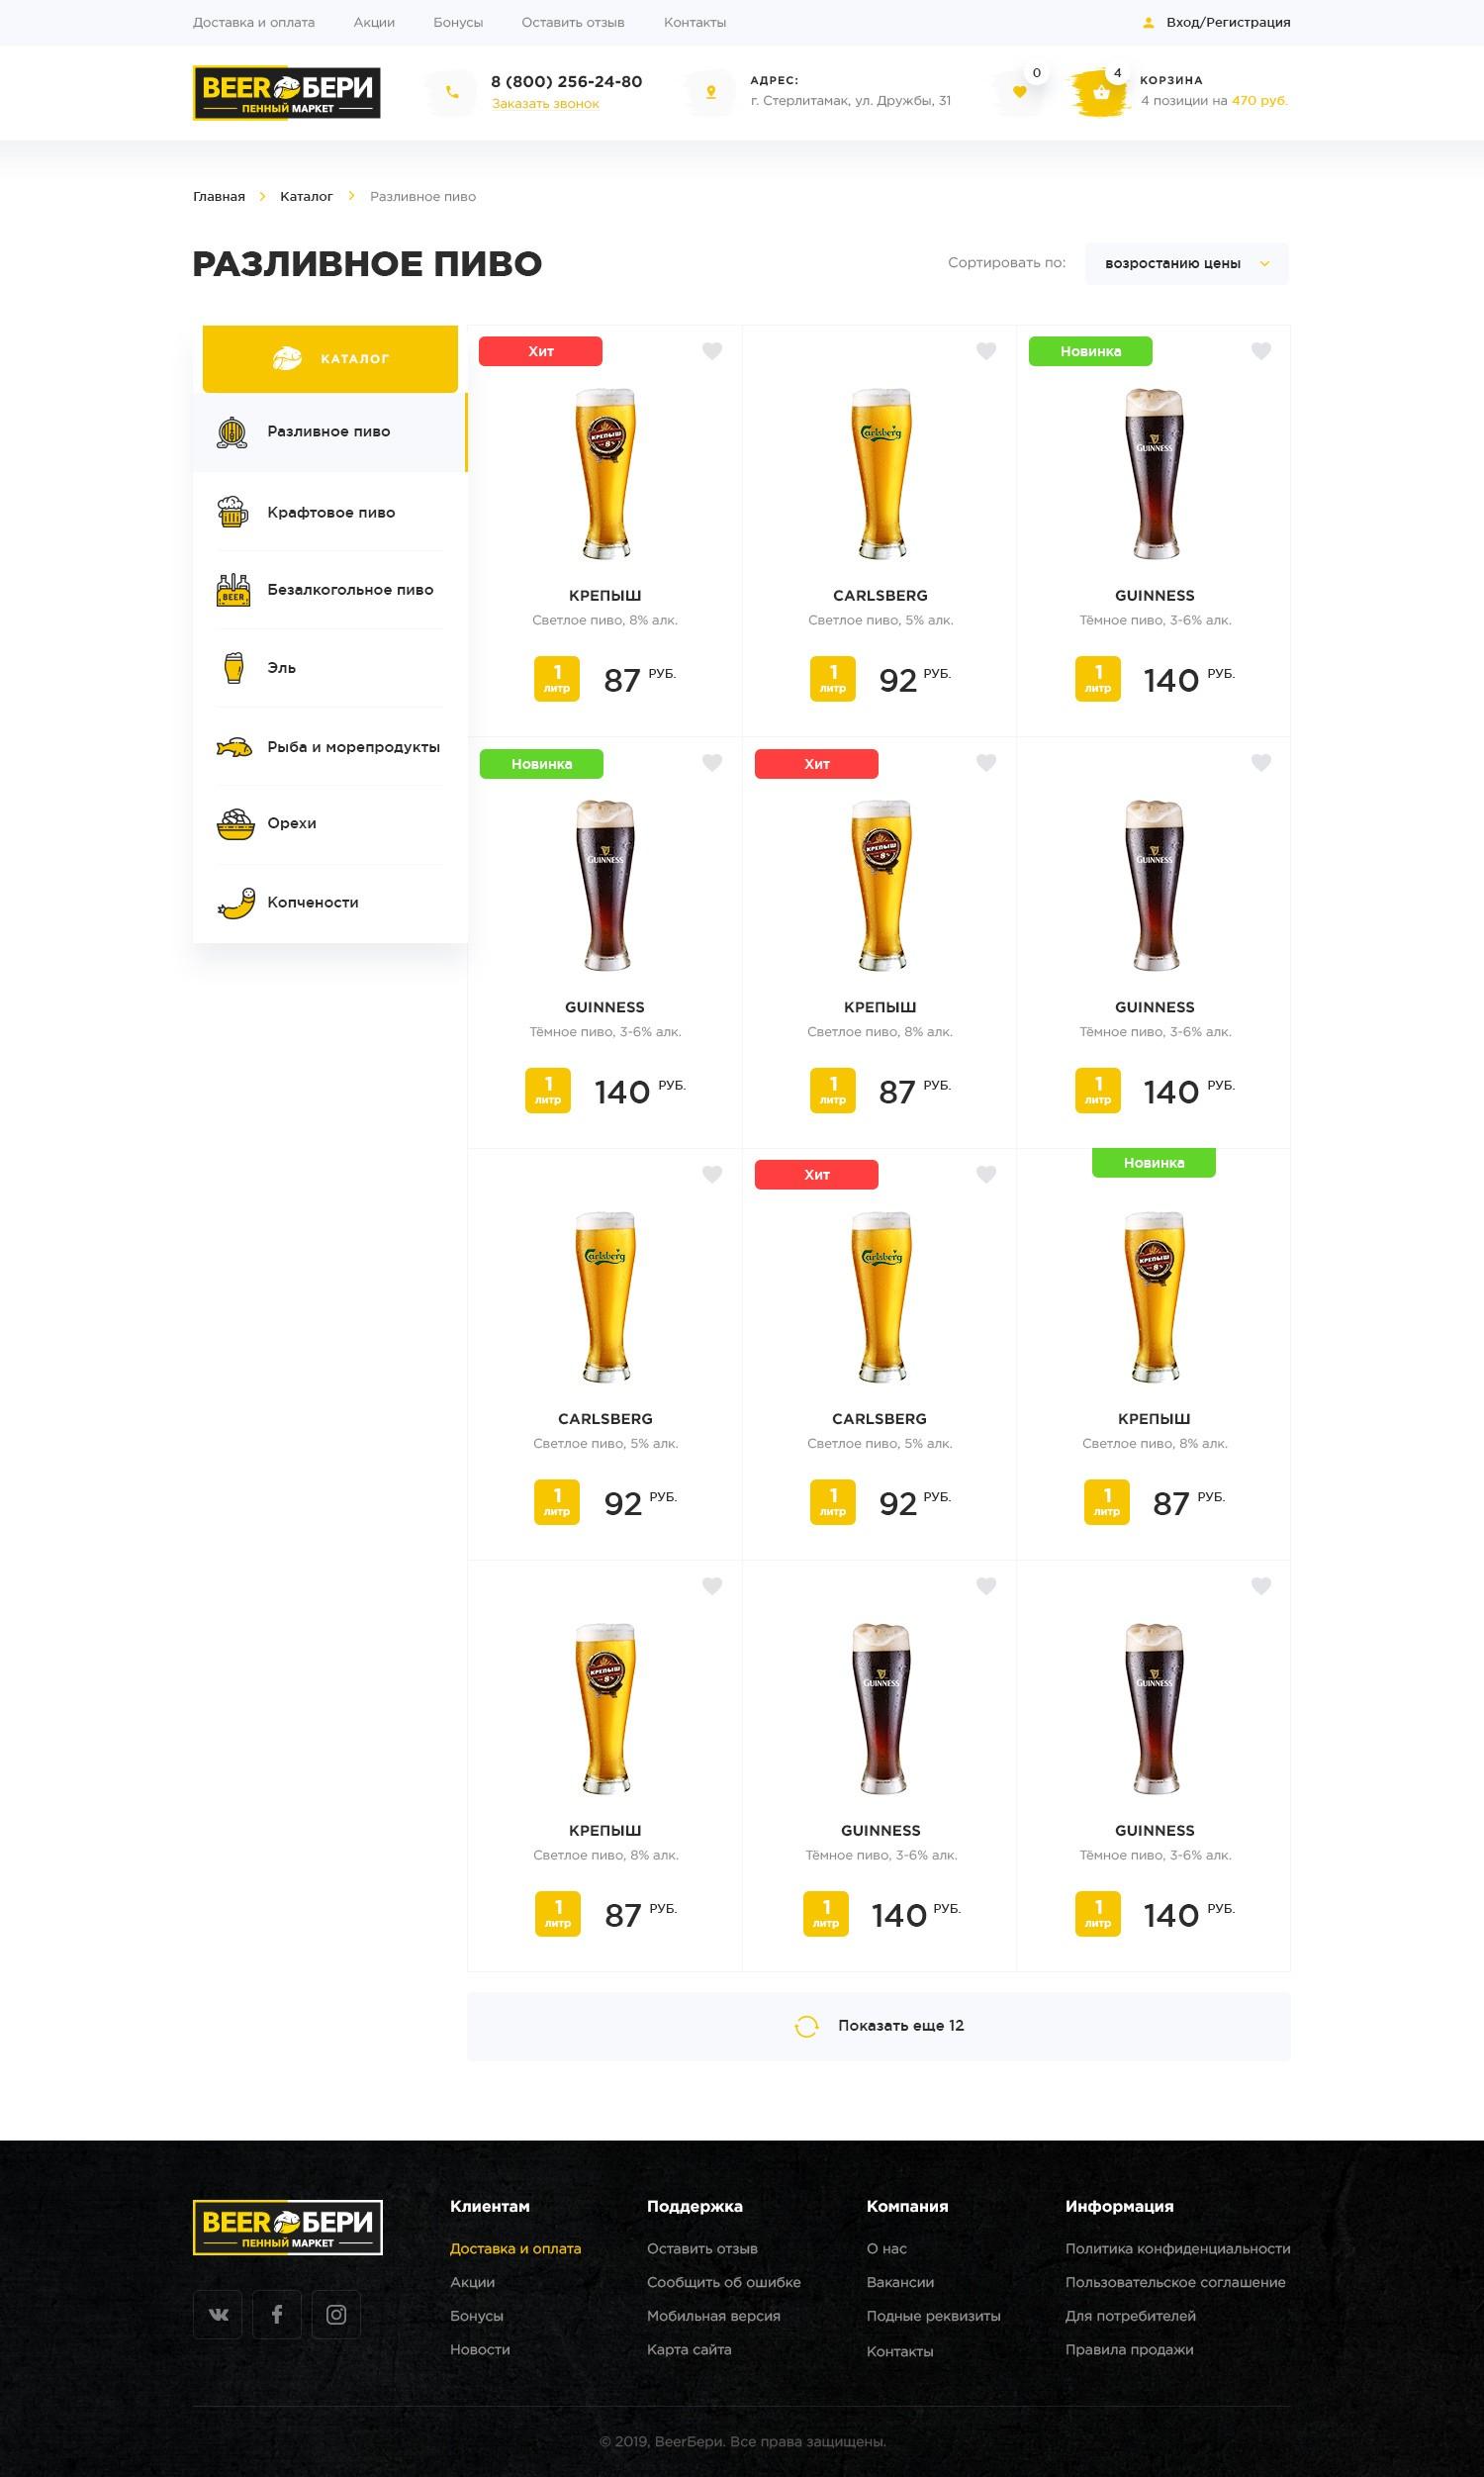 Beer_Take_it_02_Cataloge_1.0.png